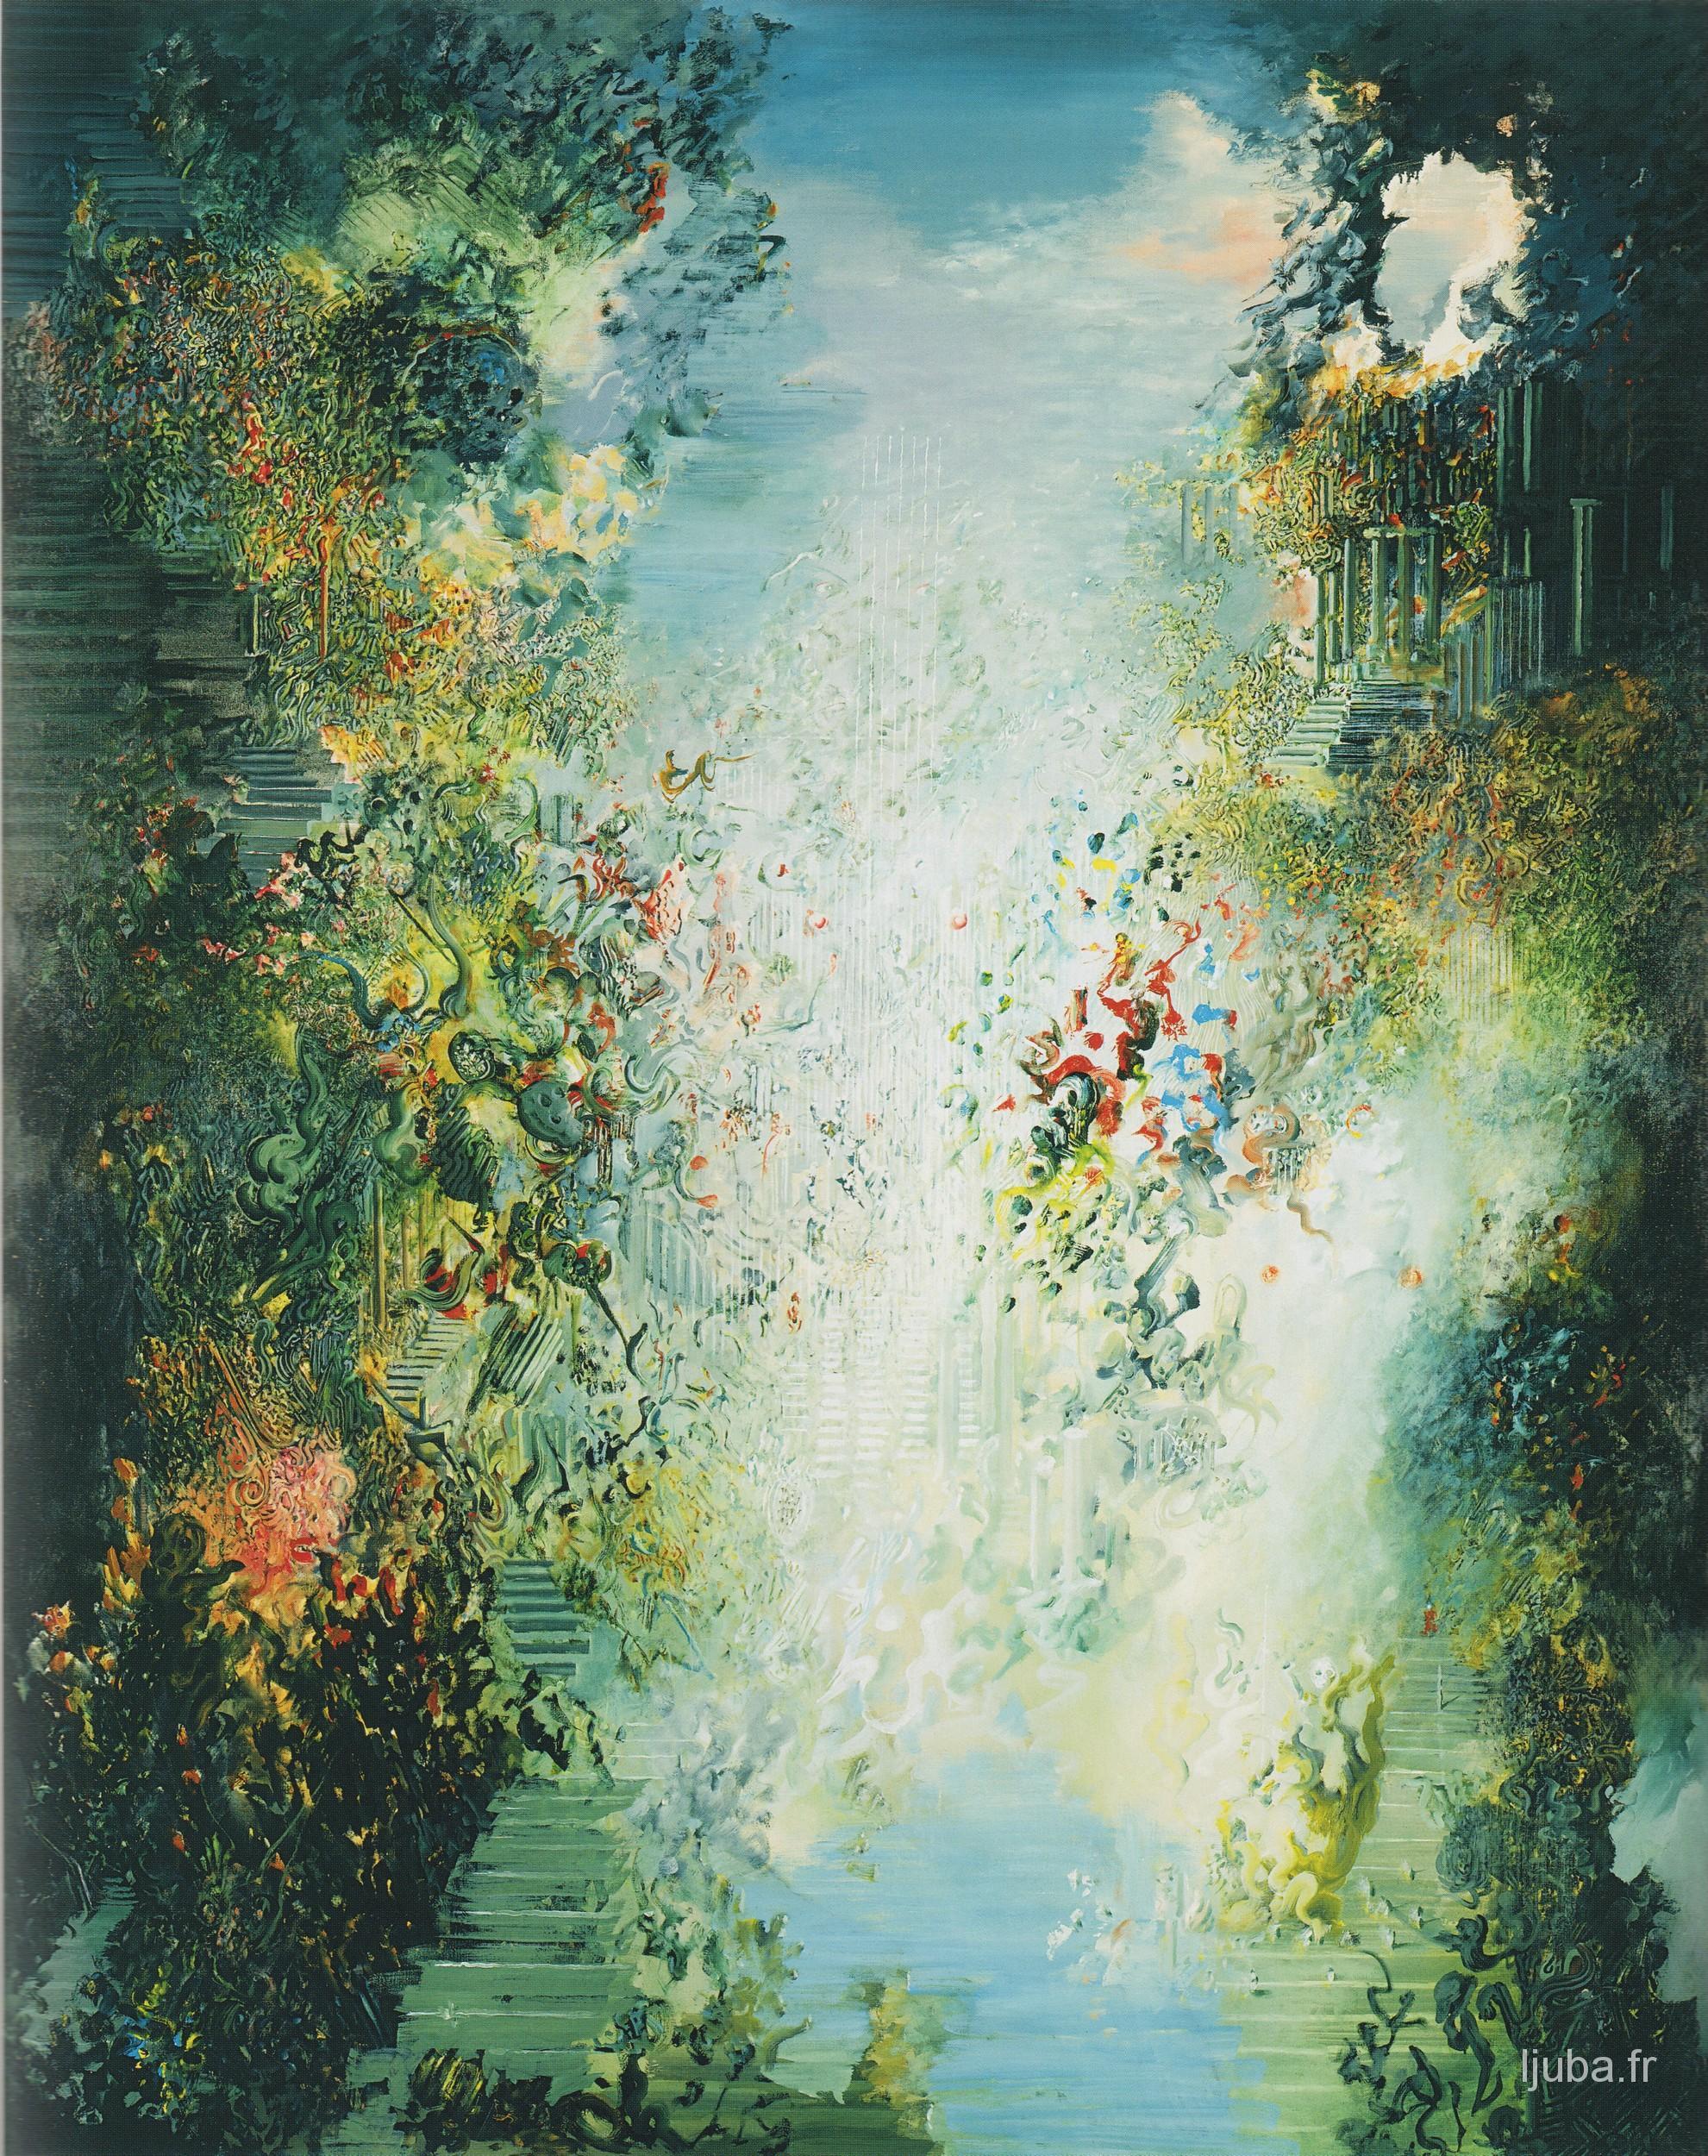 Ljuba Popovic - 1996-1990, Jardin d'amour sous surveillance